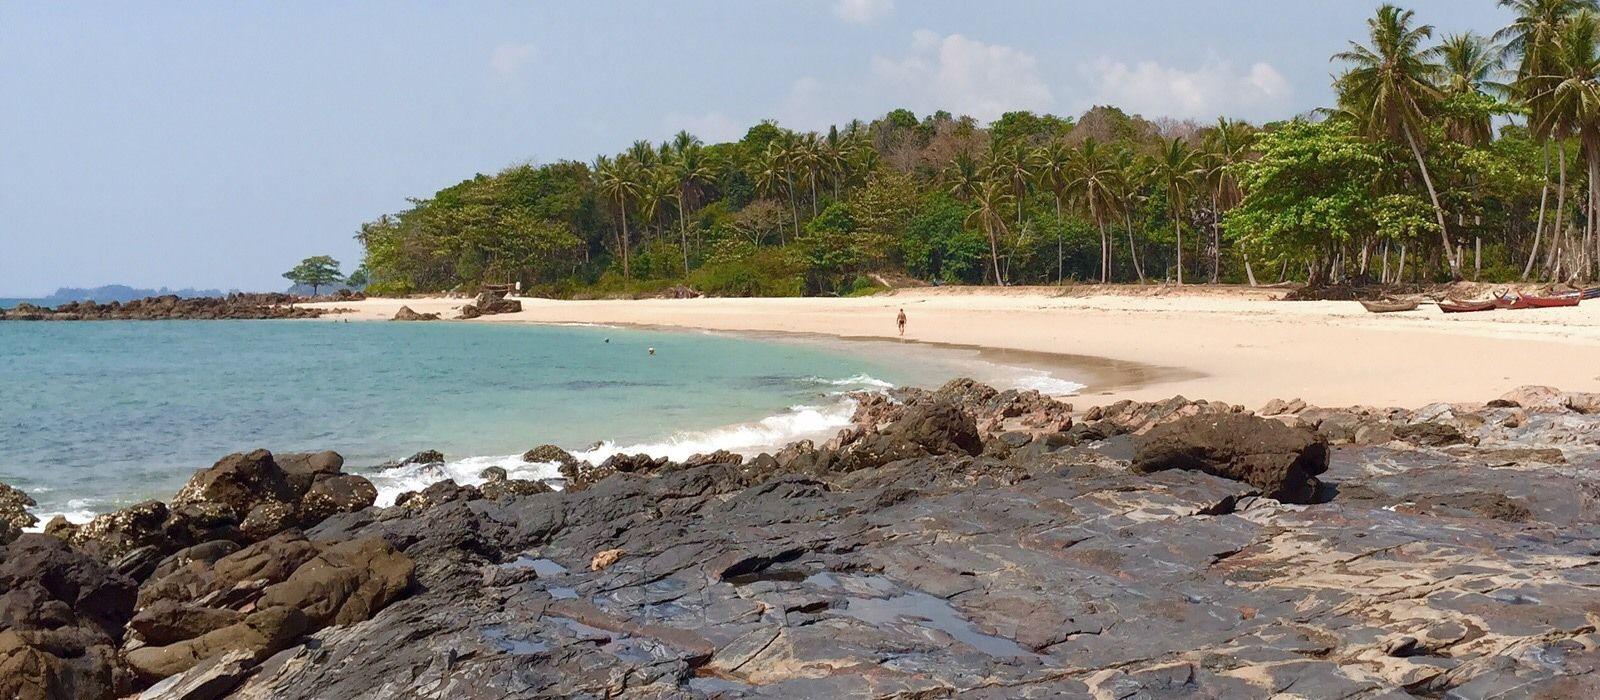 Paradise: Dream Beaches of Thailand Tour Trip 3